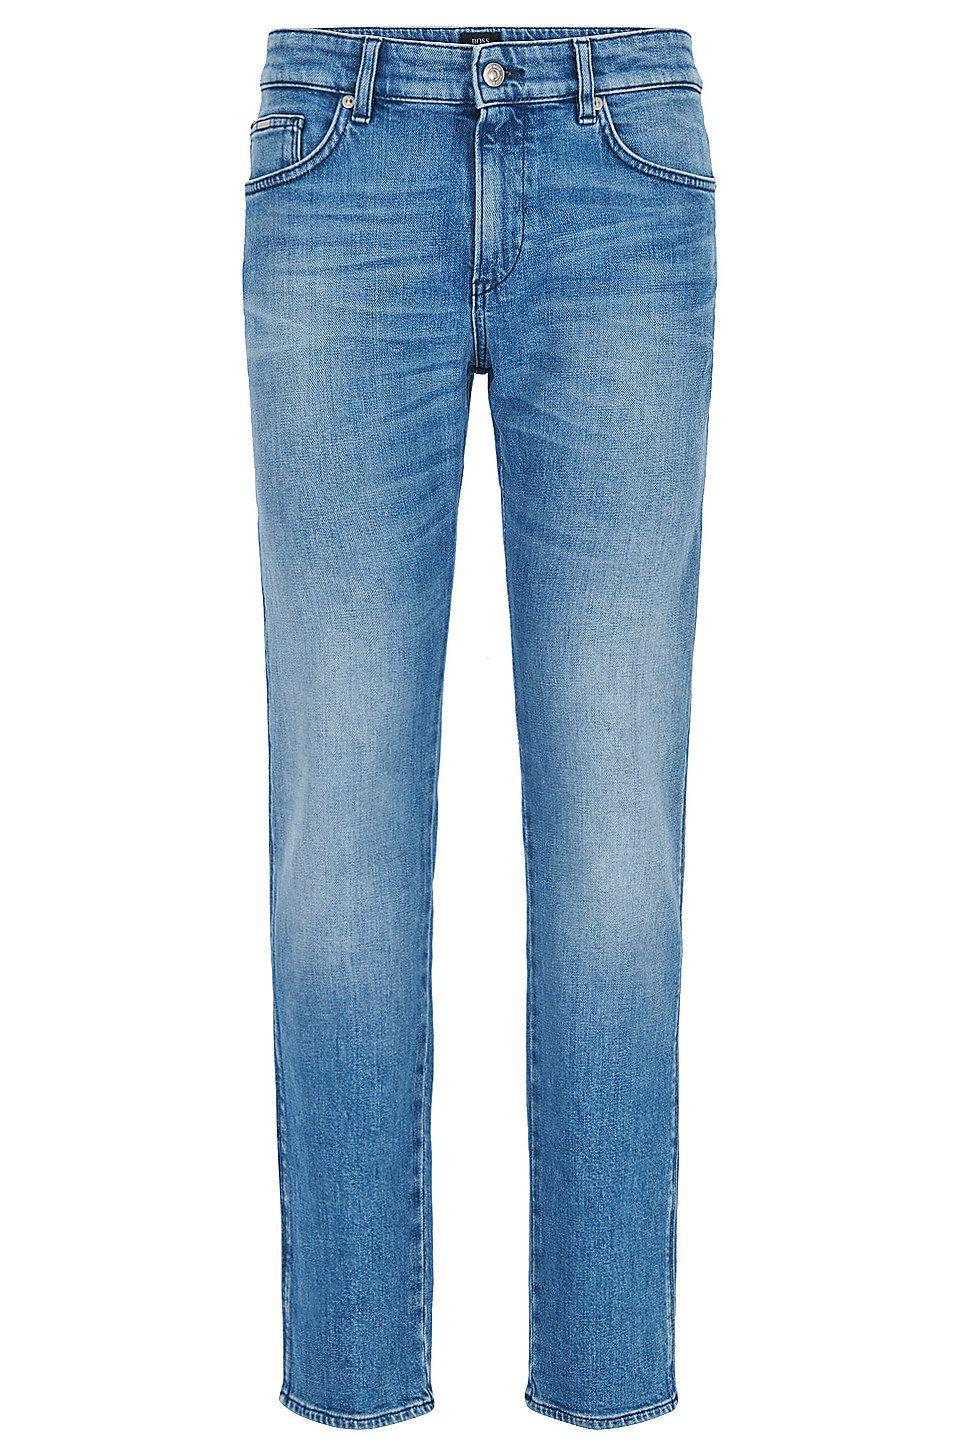 hugo boss stretch jeans mens